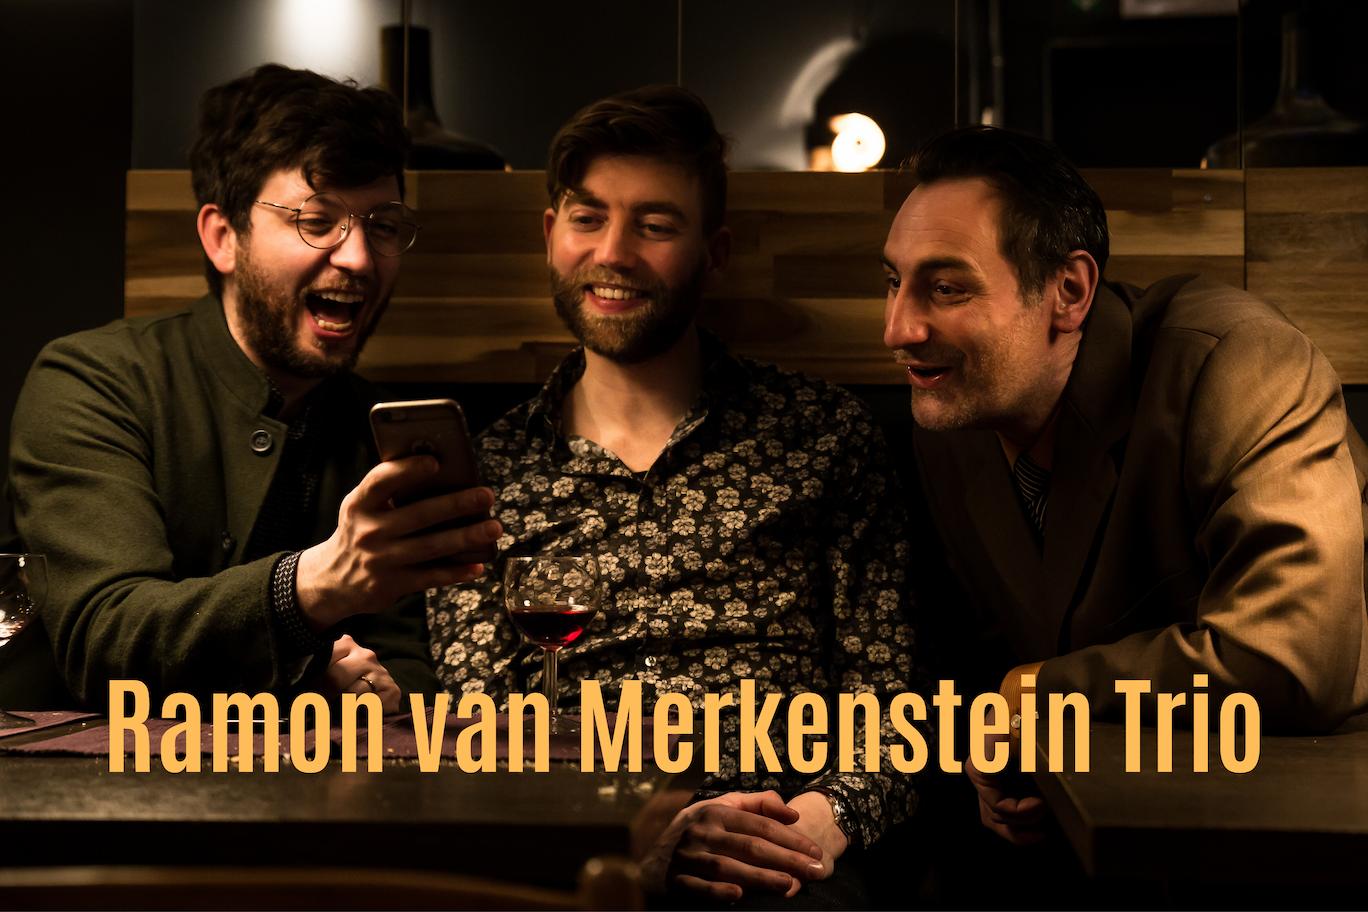 Ramon van Merkenstein Trio